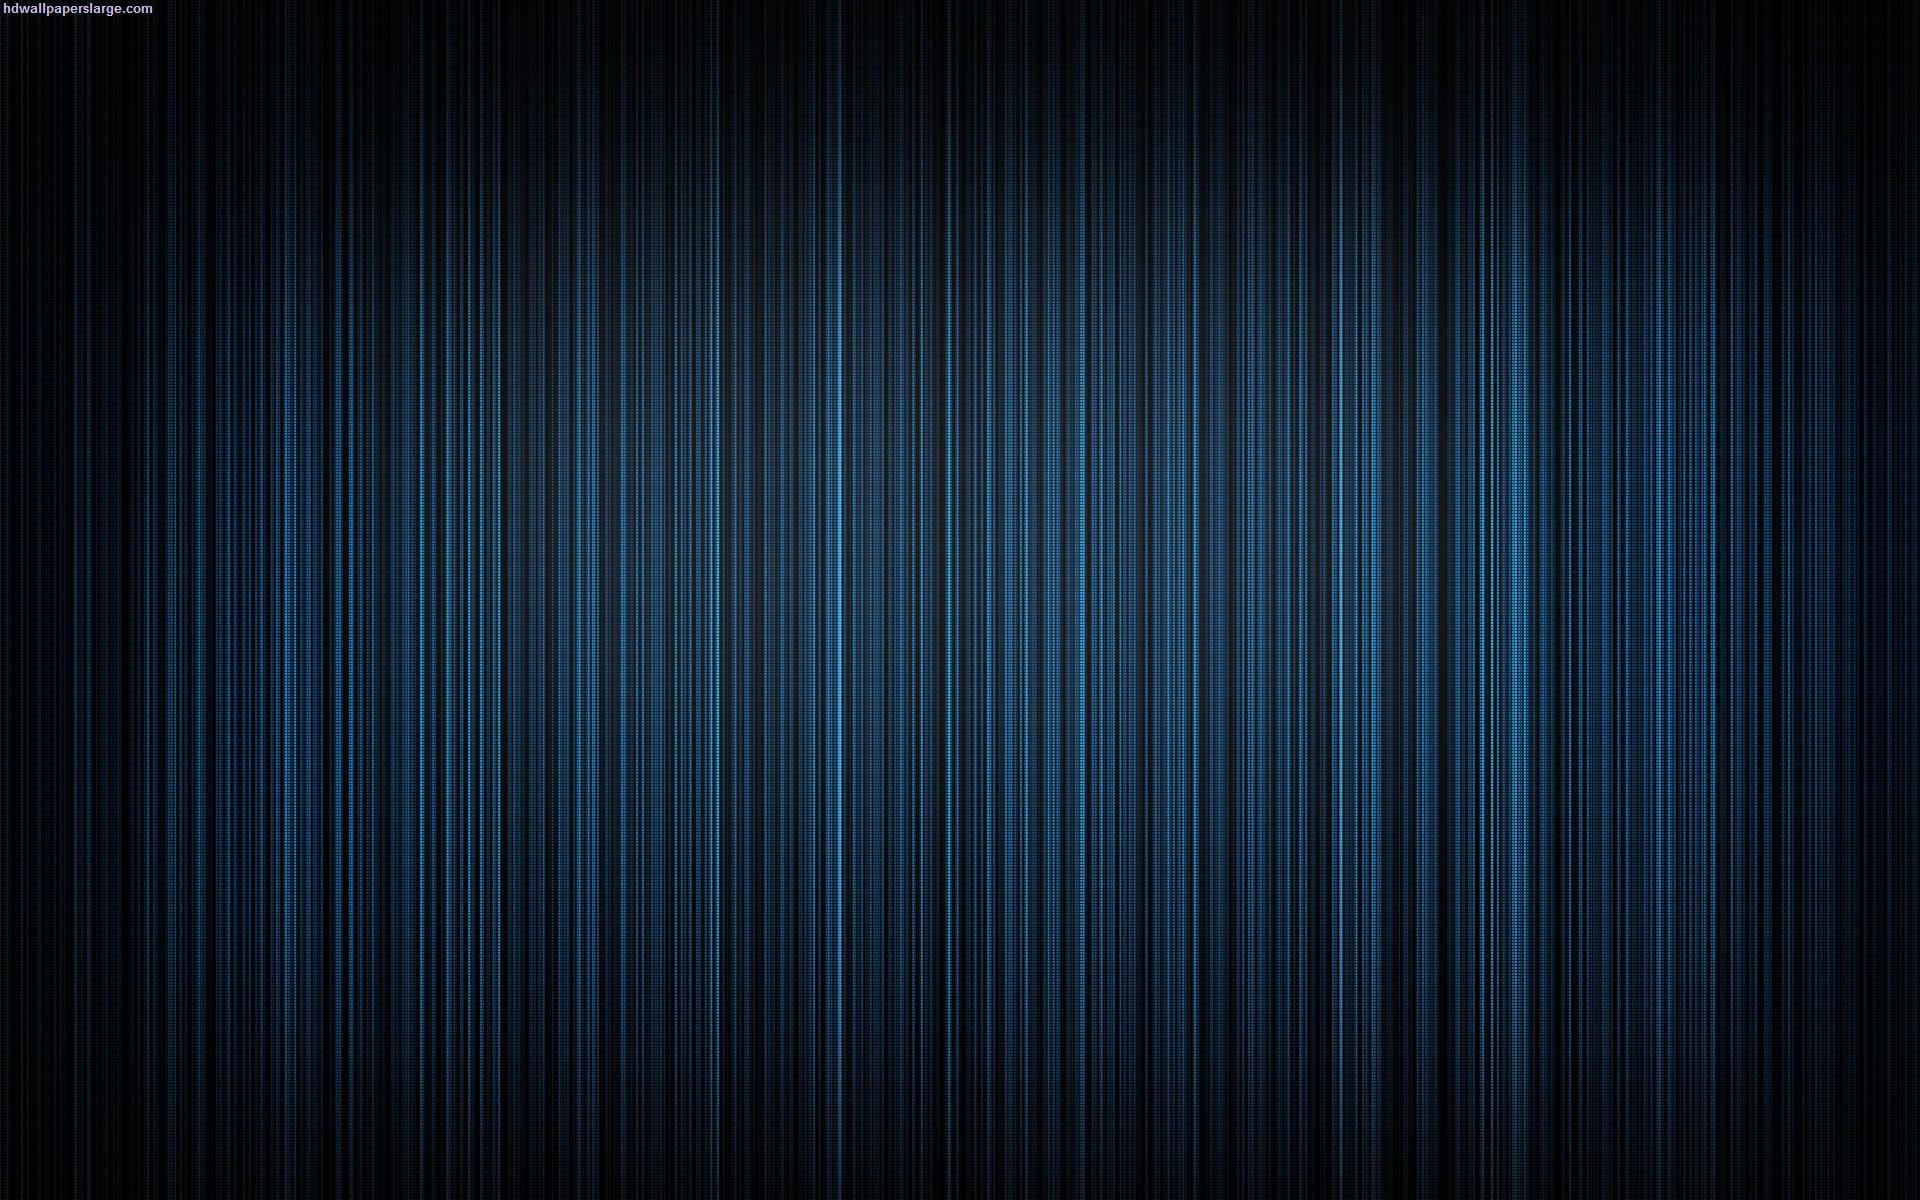 Dark Blue HD Wallpapers - WallpaperSafari